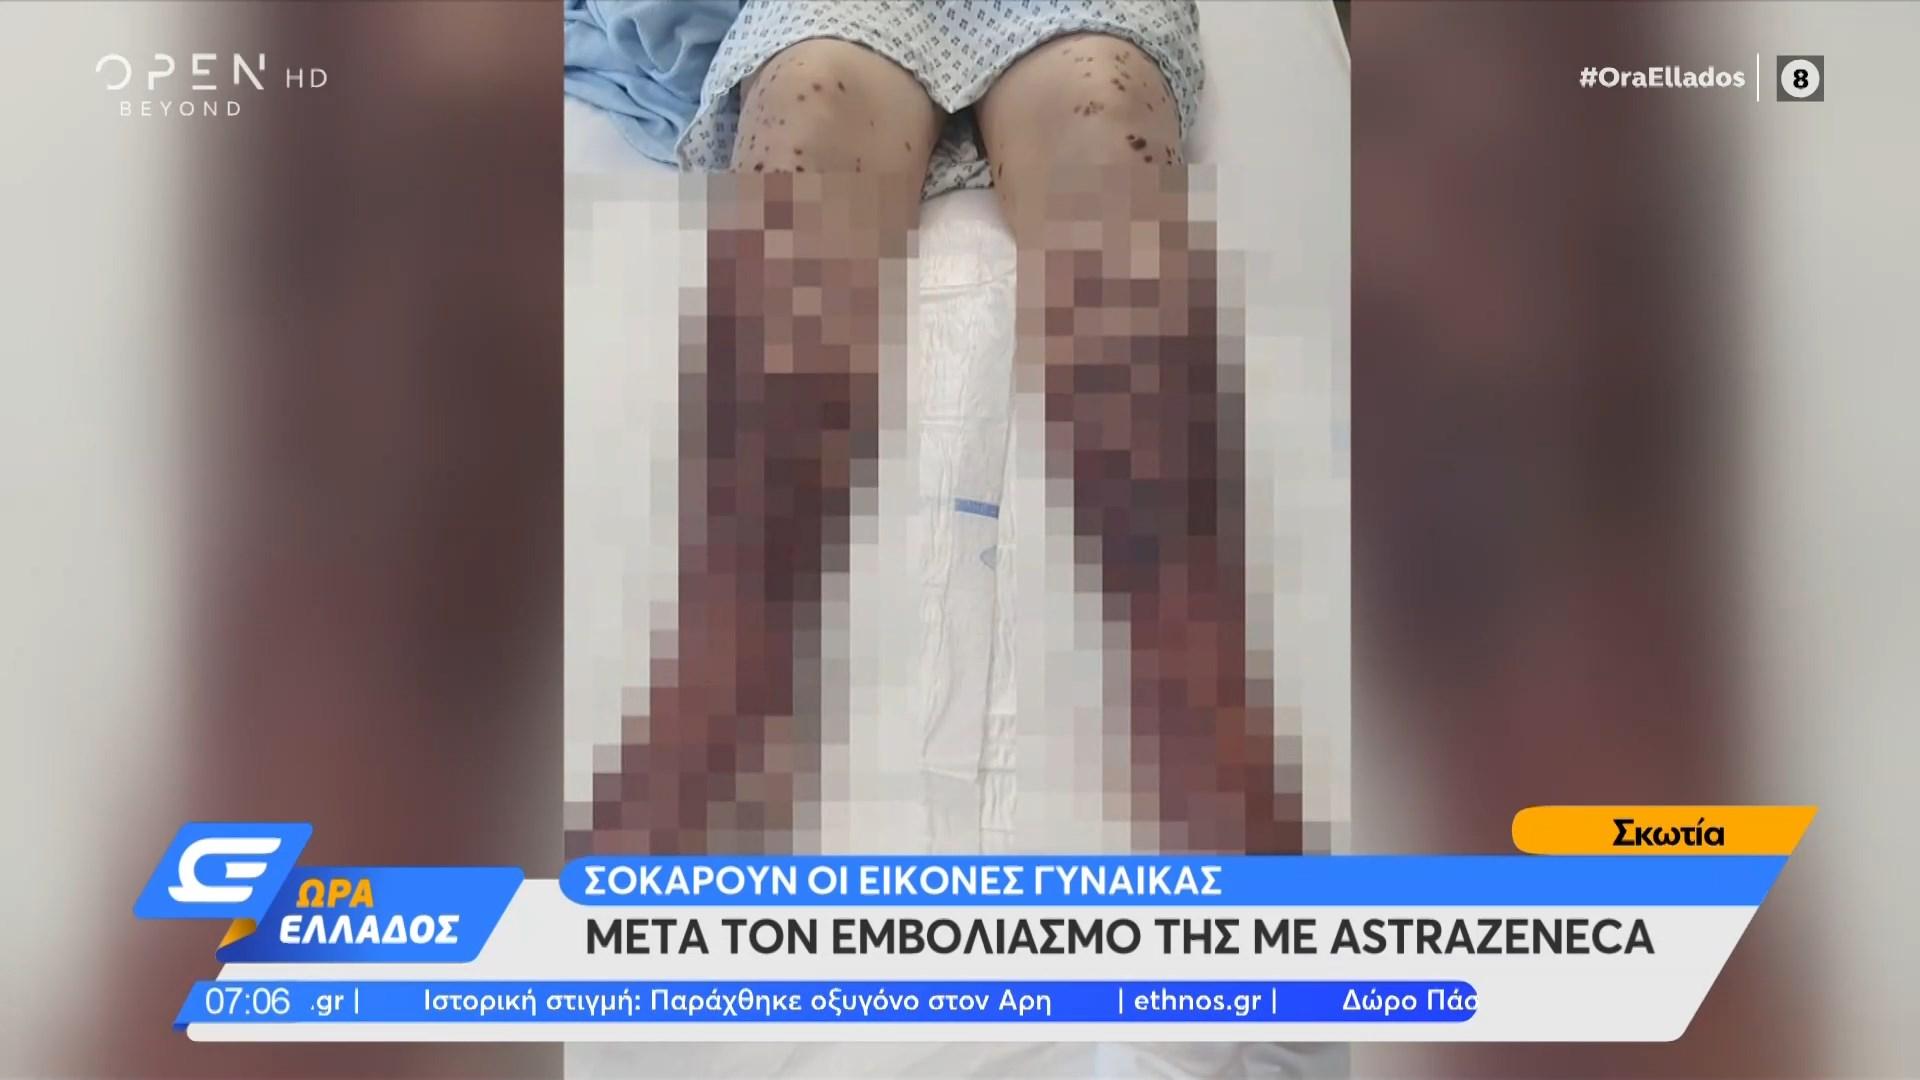 Σοκάρουν οι εικόνες γυναίκας μετά τον εμβολιασμό με AstraZeneca